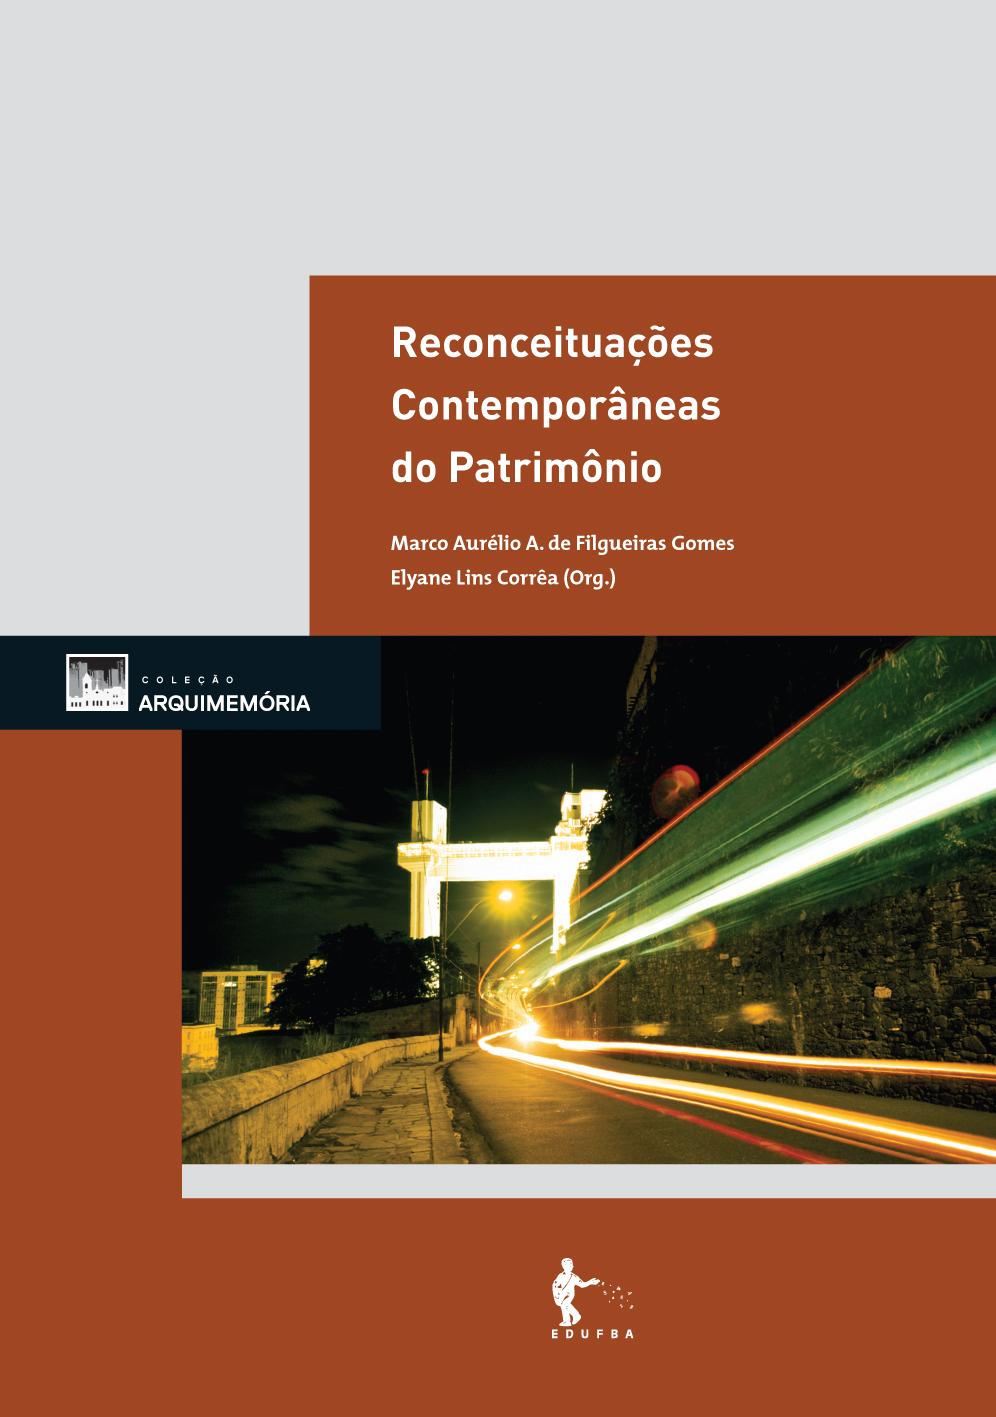 IAB-BA lança o livro Reconceituações contemporâneas do patrimônio, Cortesia IAB-BA